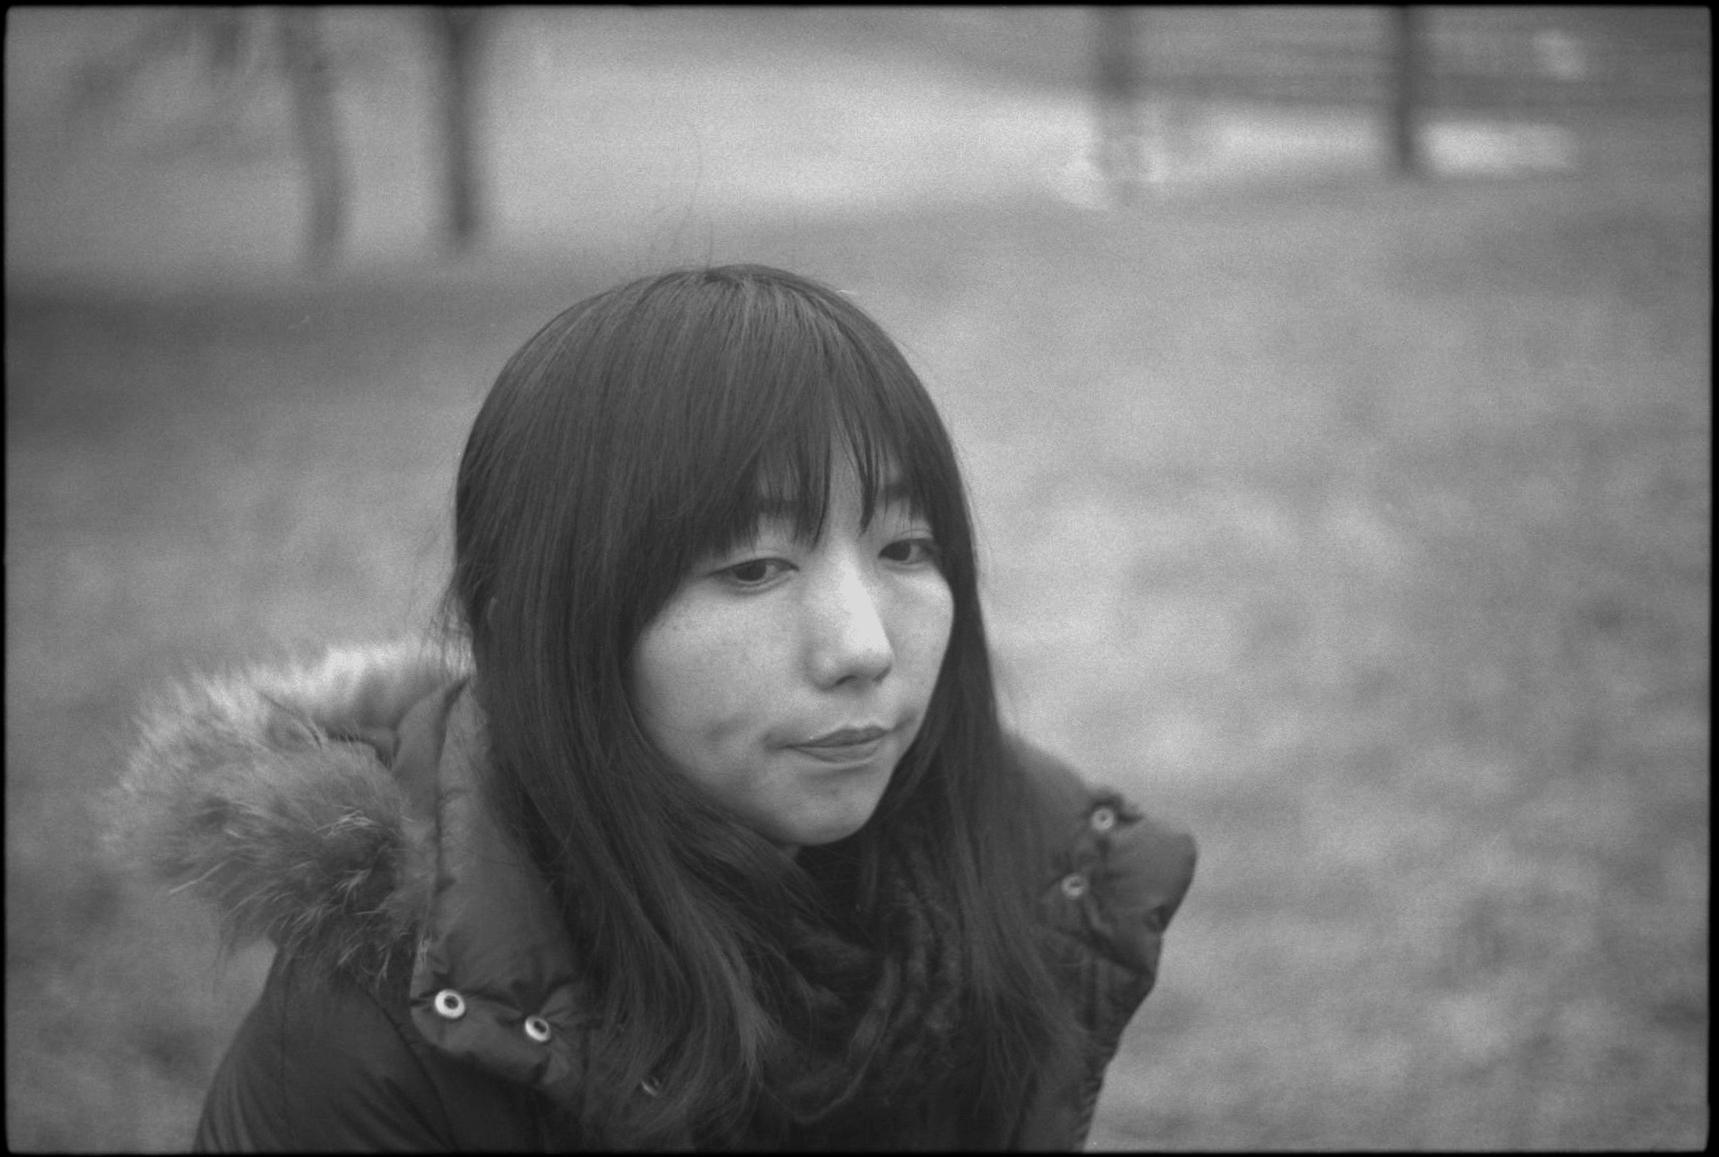 01 20140213 LeicaM4-P Summar50 IlforadPanF+ Rodinal 003